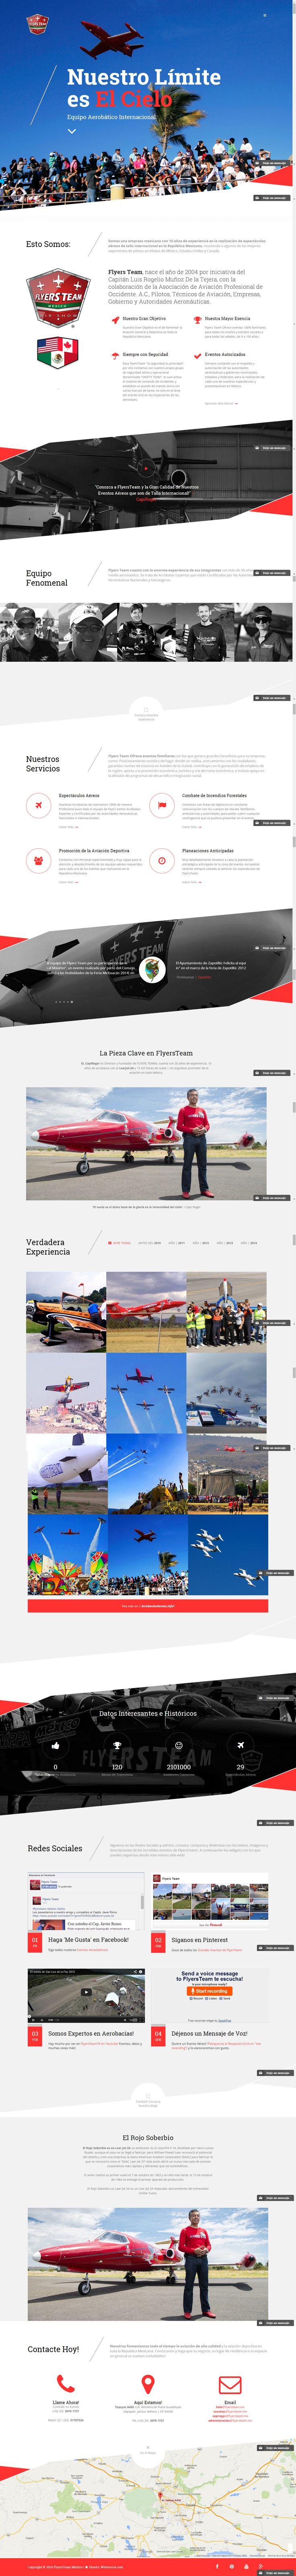 www.Flyersteam.mx ~ 2014 / Flyers Team es un equipo de acróbatas aéreos nacionales y extranjeros expertos certificados por las autoridades aeronáuticas. Una empresa mexicana con más de 10 años de experiencia en la realización de espectáculos aéreos de talla internacional, única en su tipo en la República Mexicana.